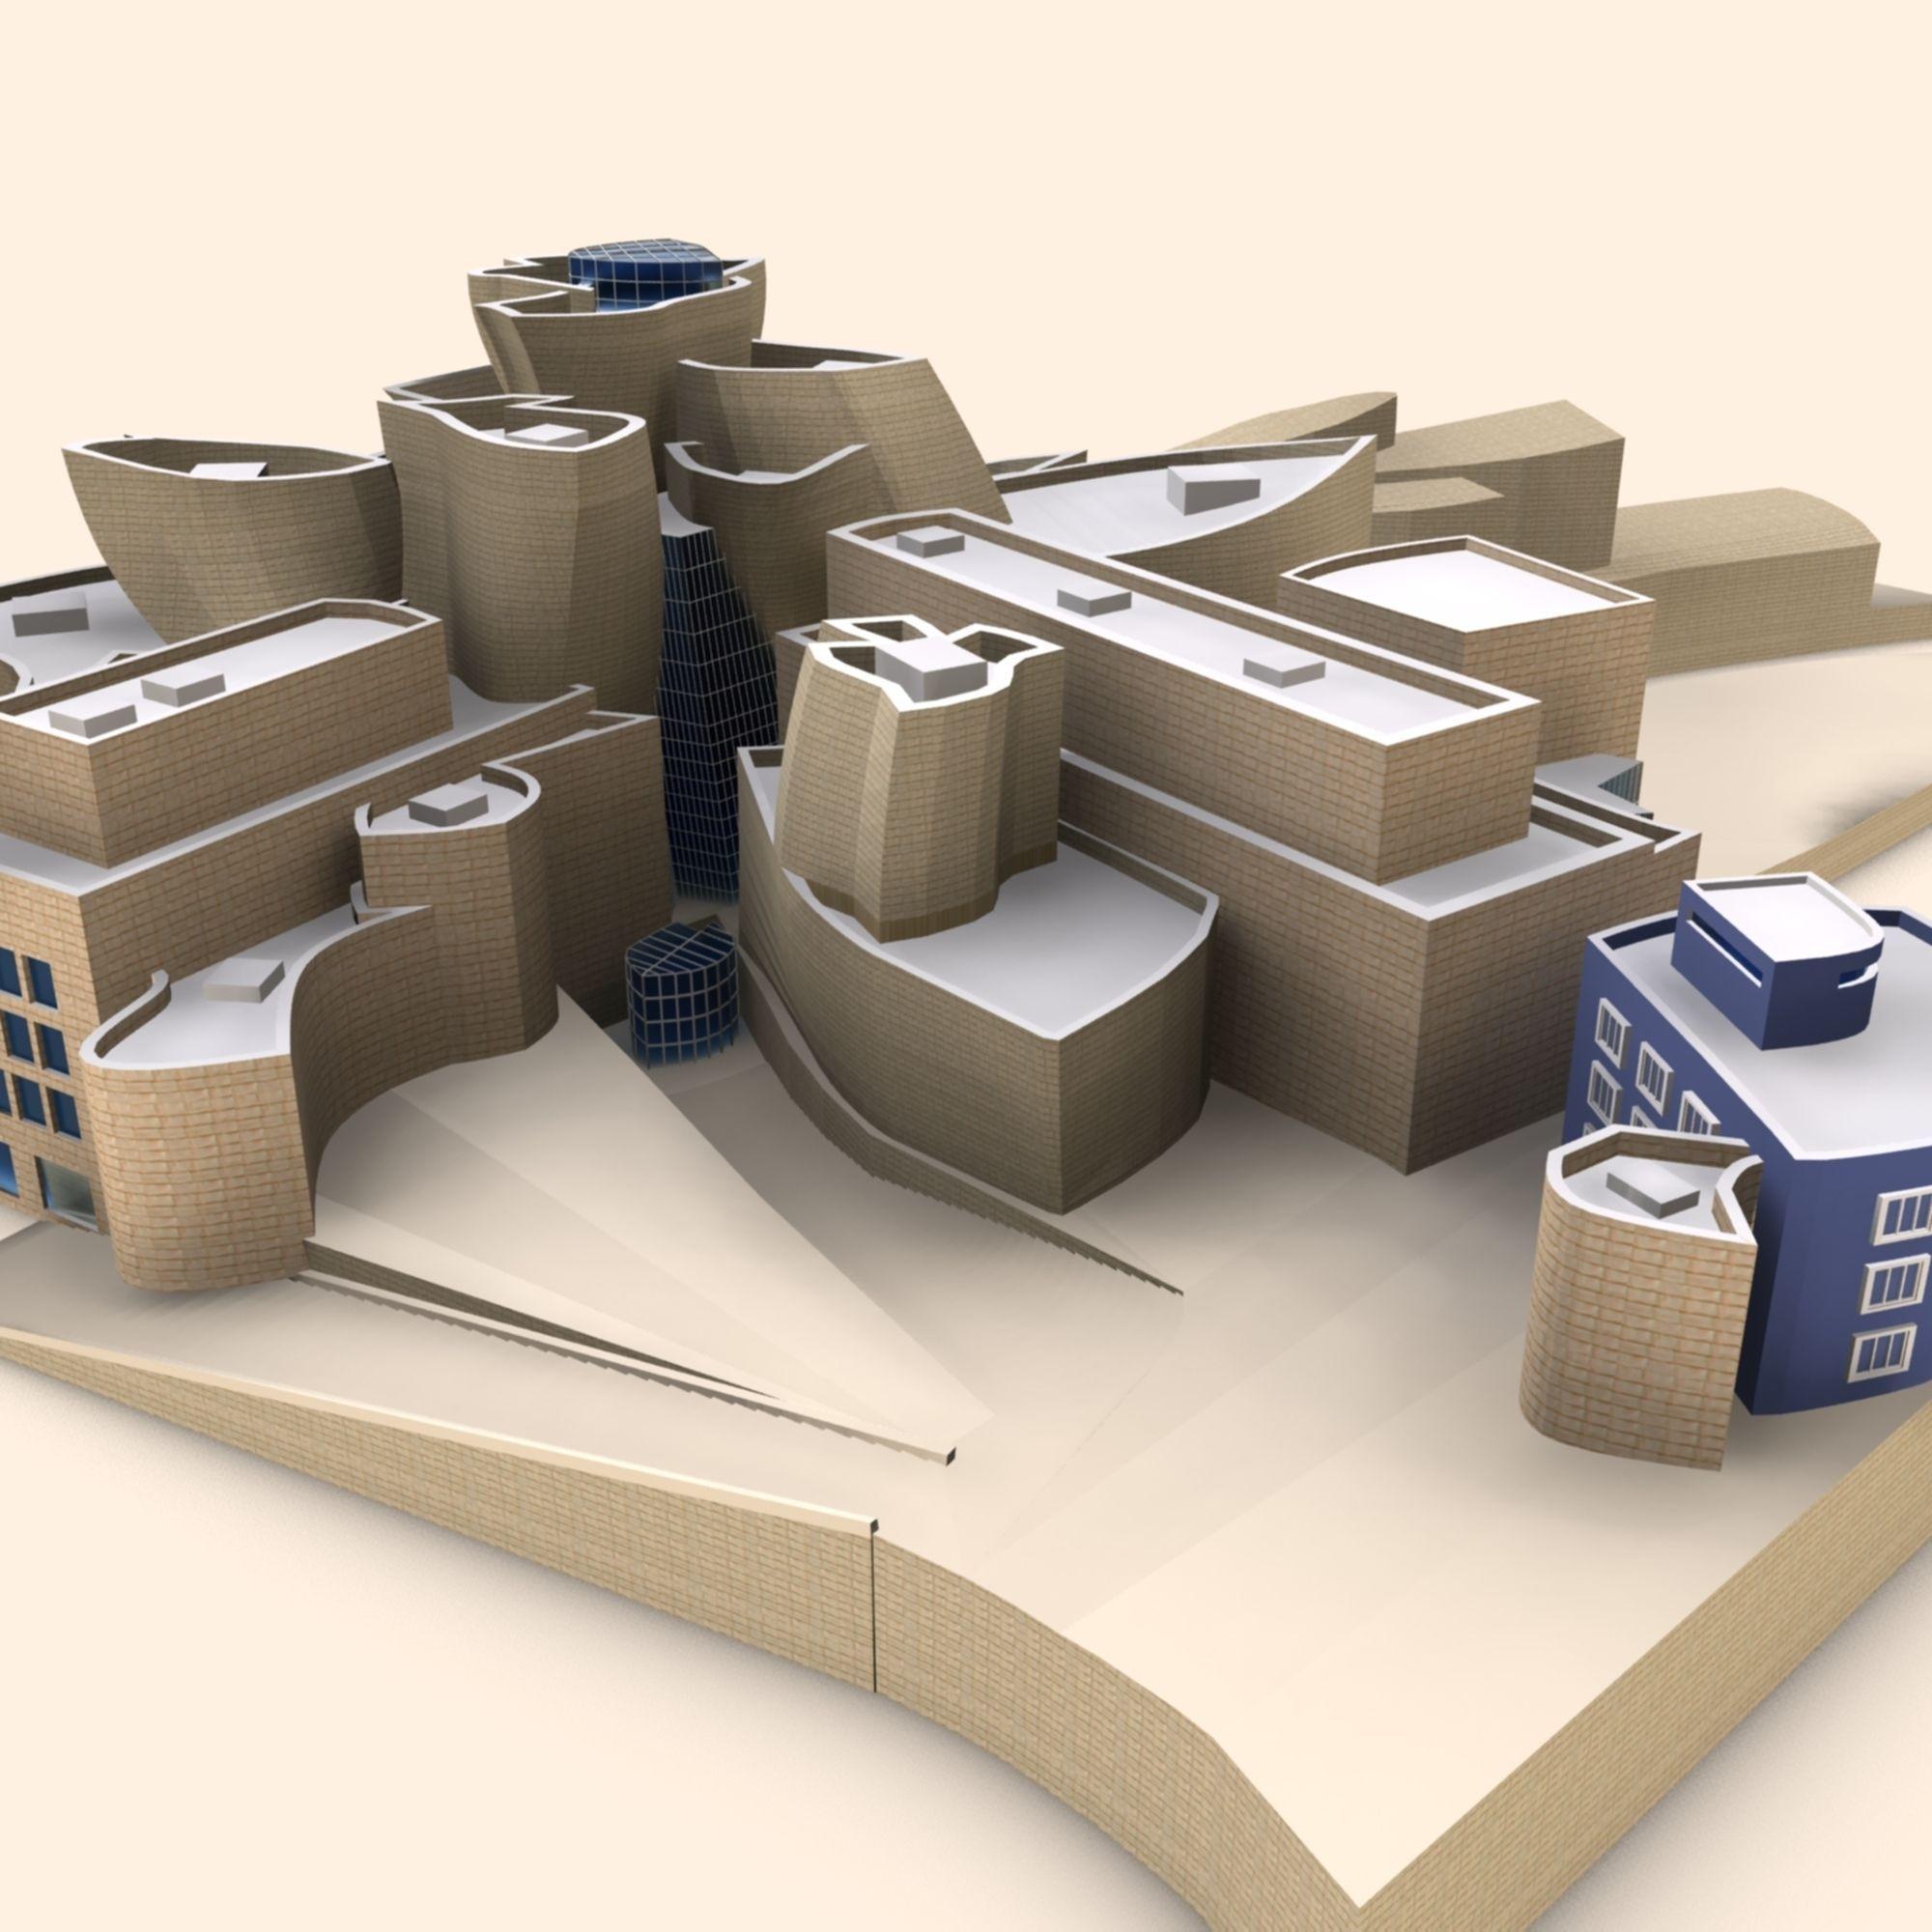 Guggenheim museum bilbao 3d model max obj 3ds fbx for 3d model viewer